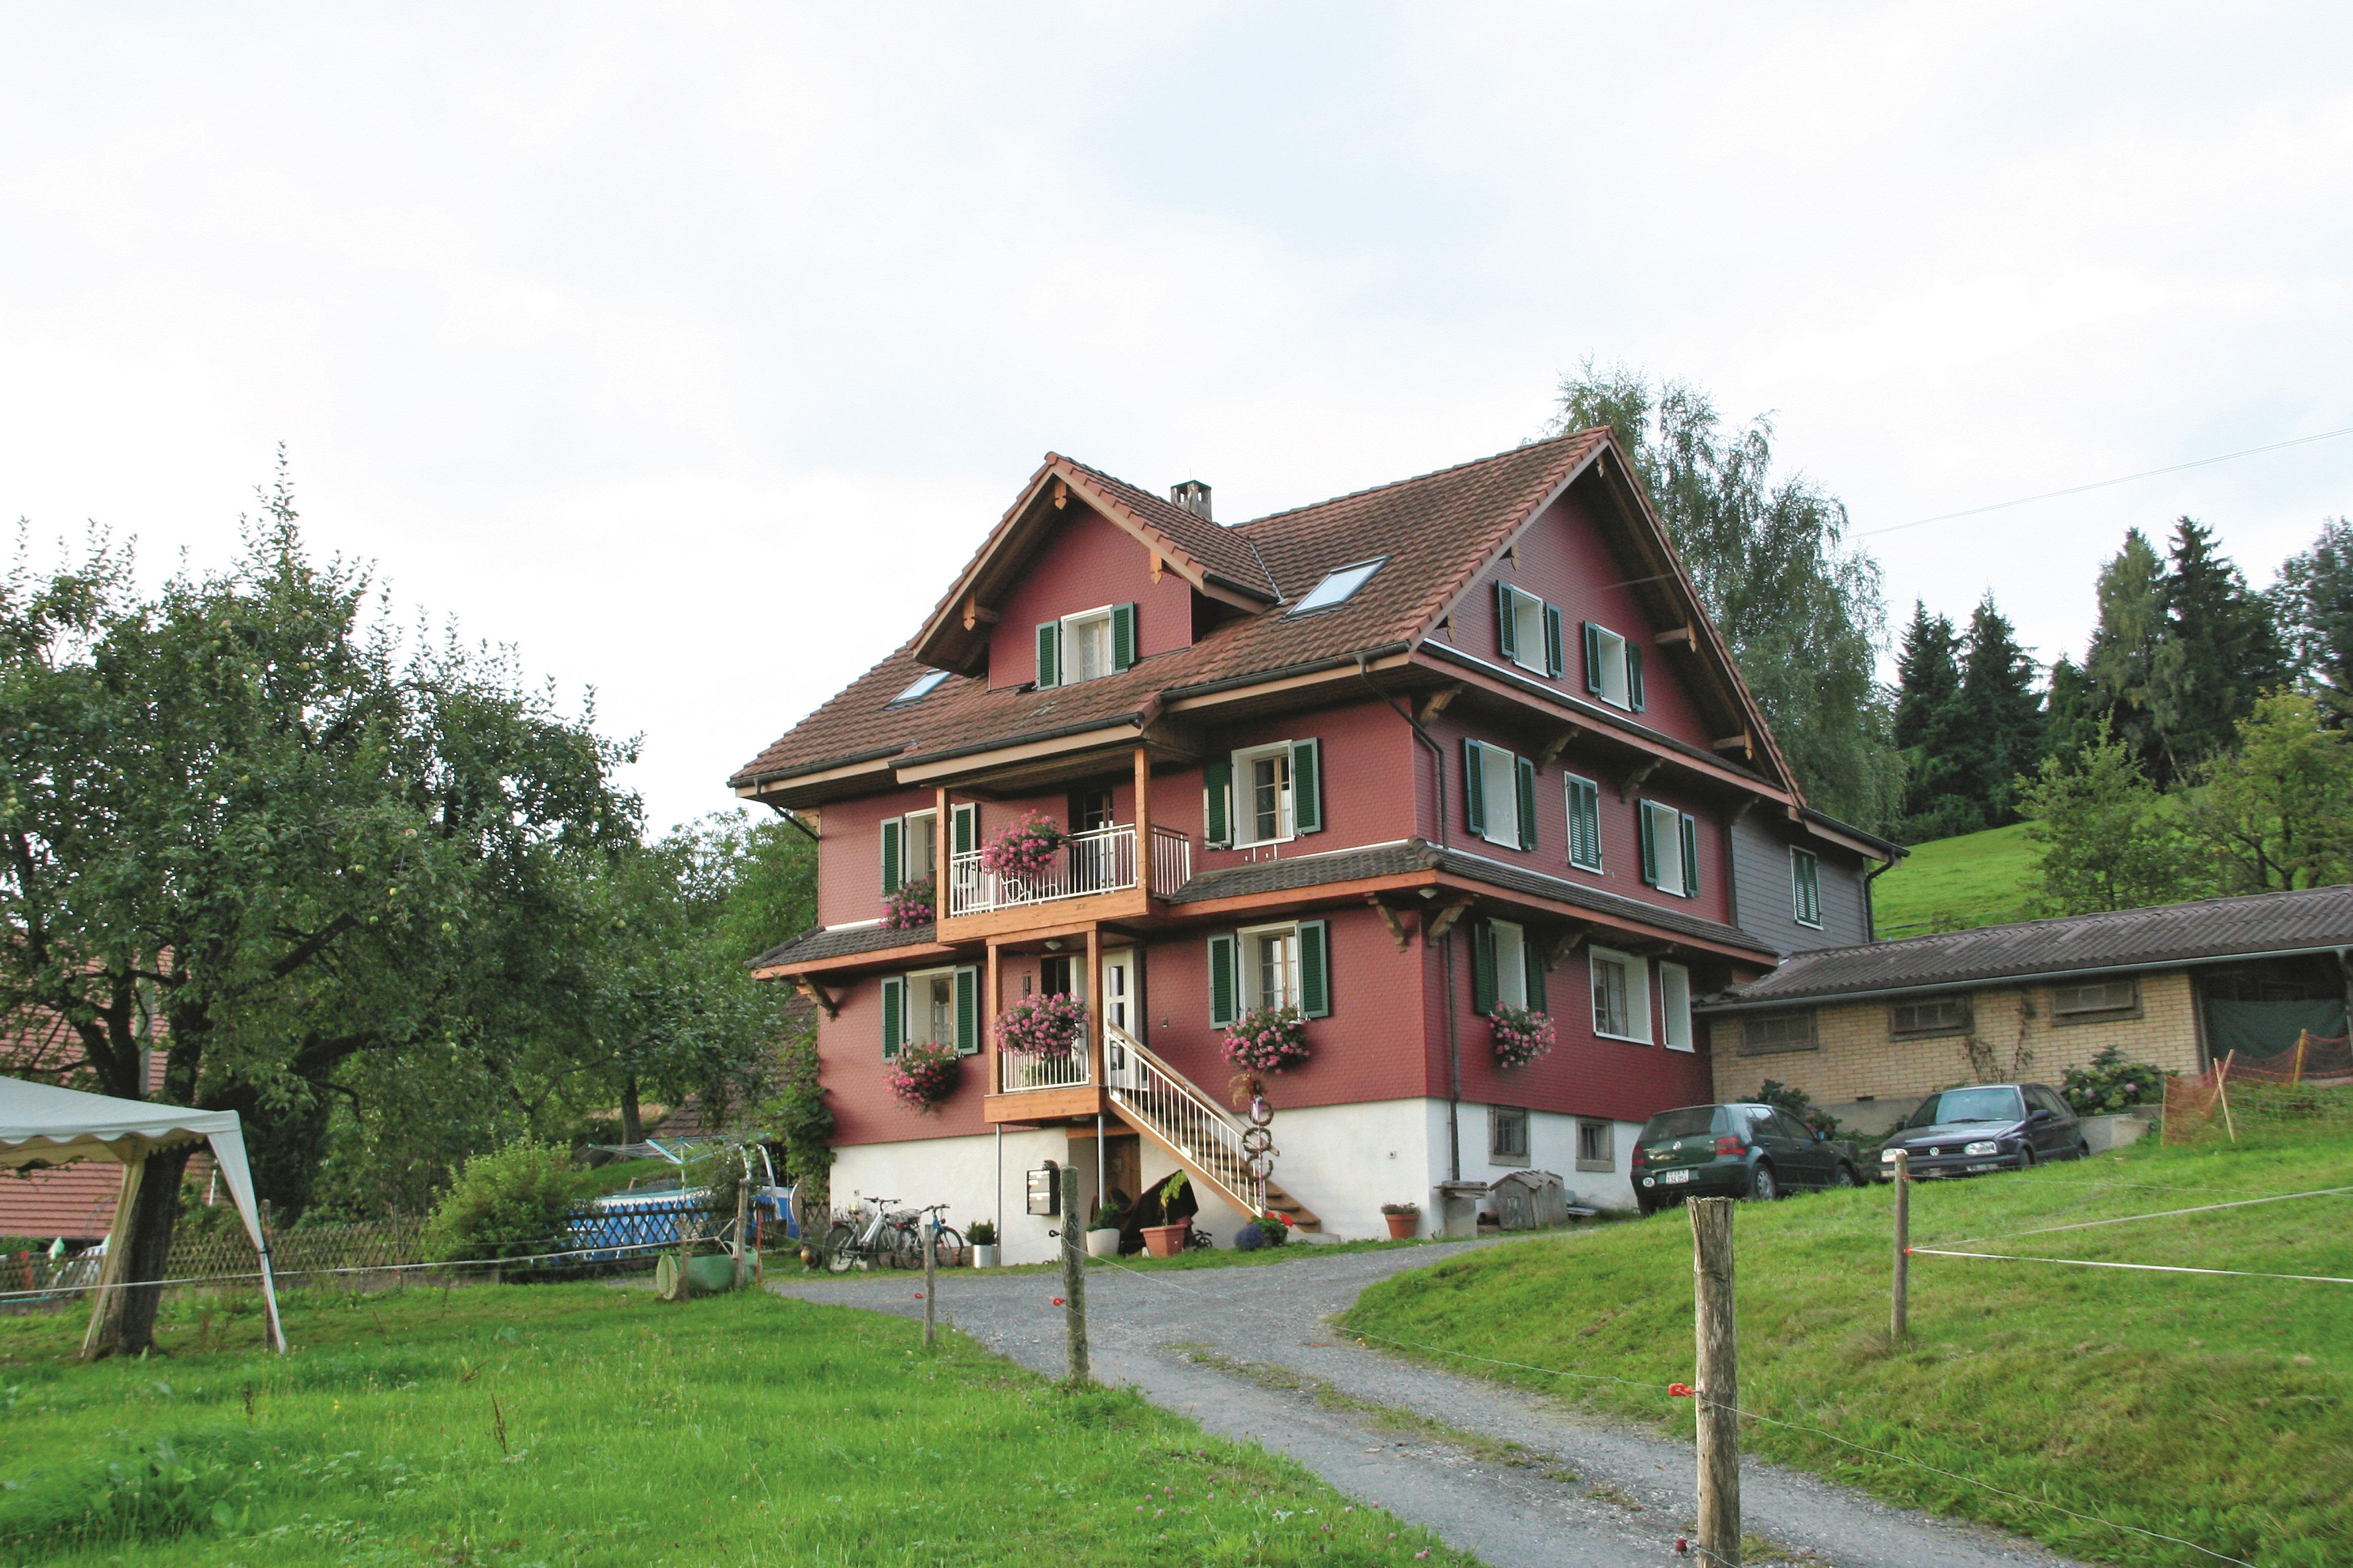 Siedlungshaus Renovieren siedlungshaus sanieren kosten hausdesignhub co